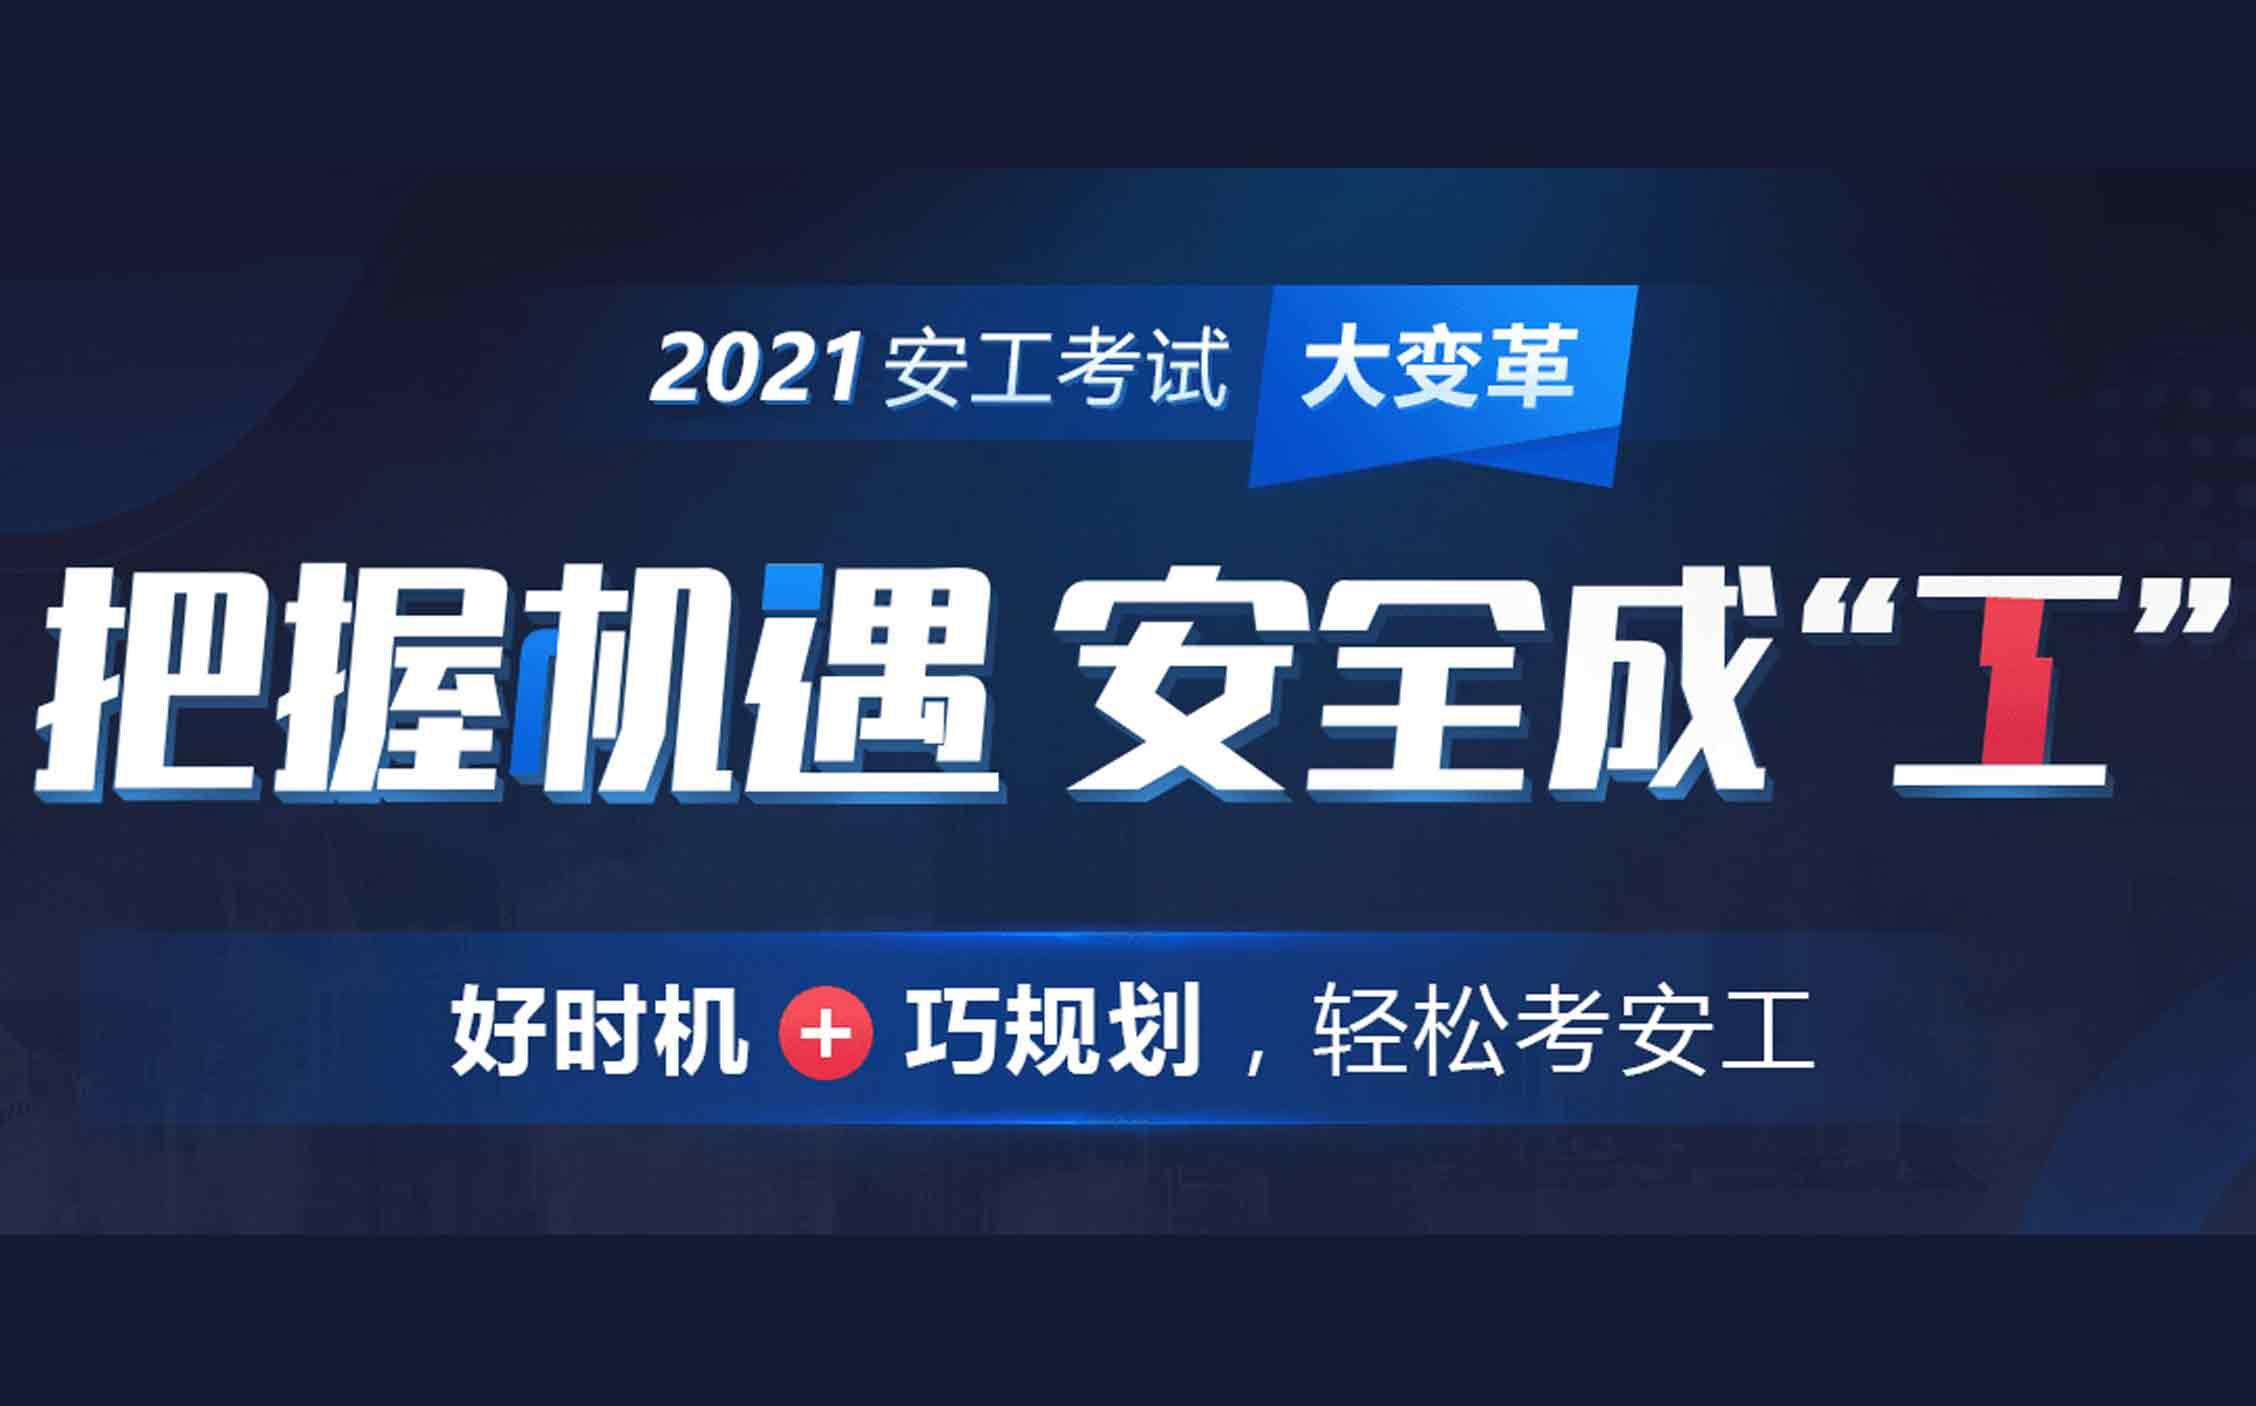 淮安2021安全工程師培訓機構招生簡章